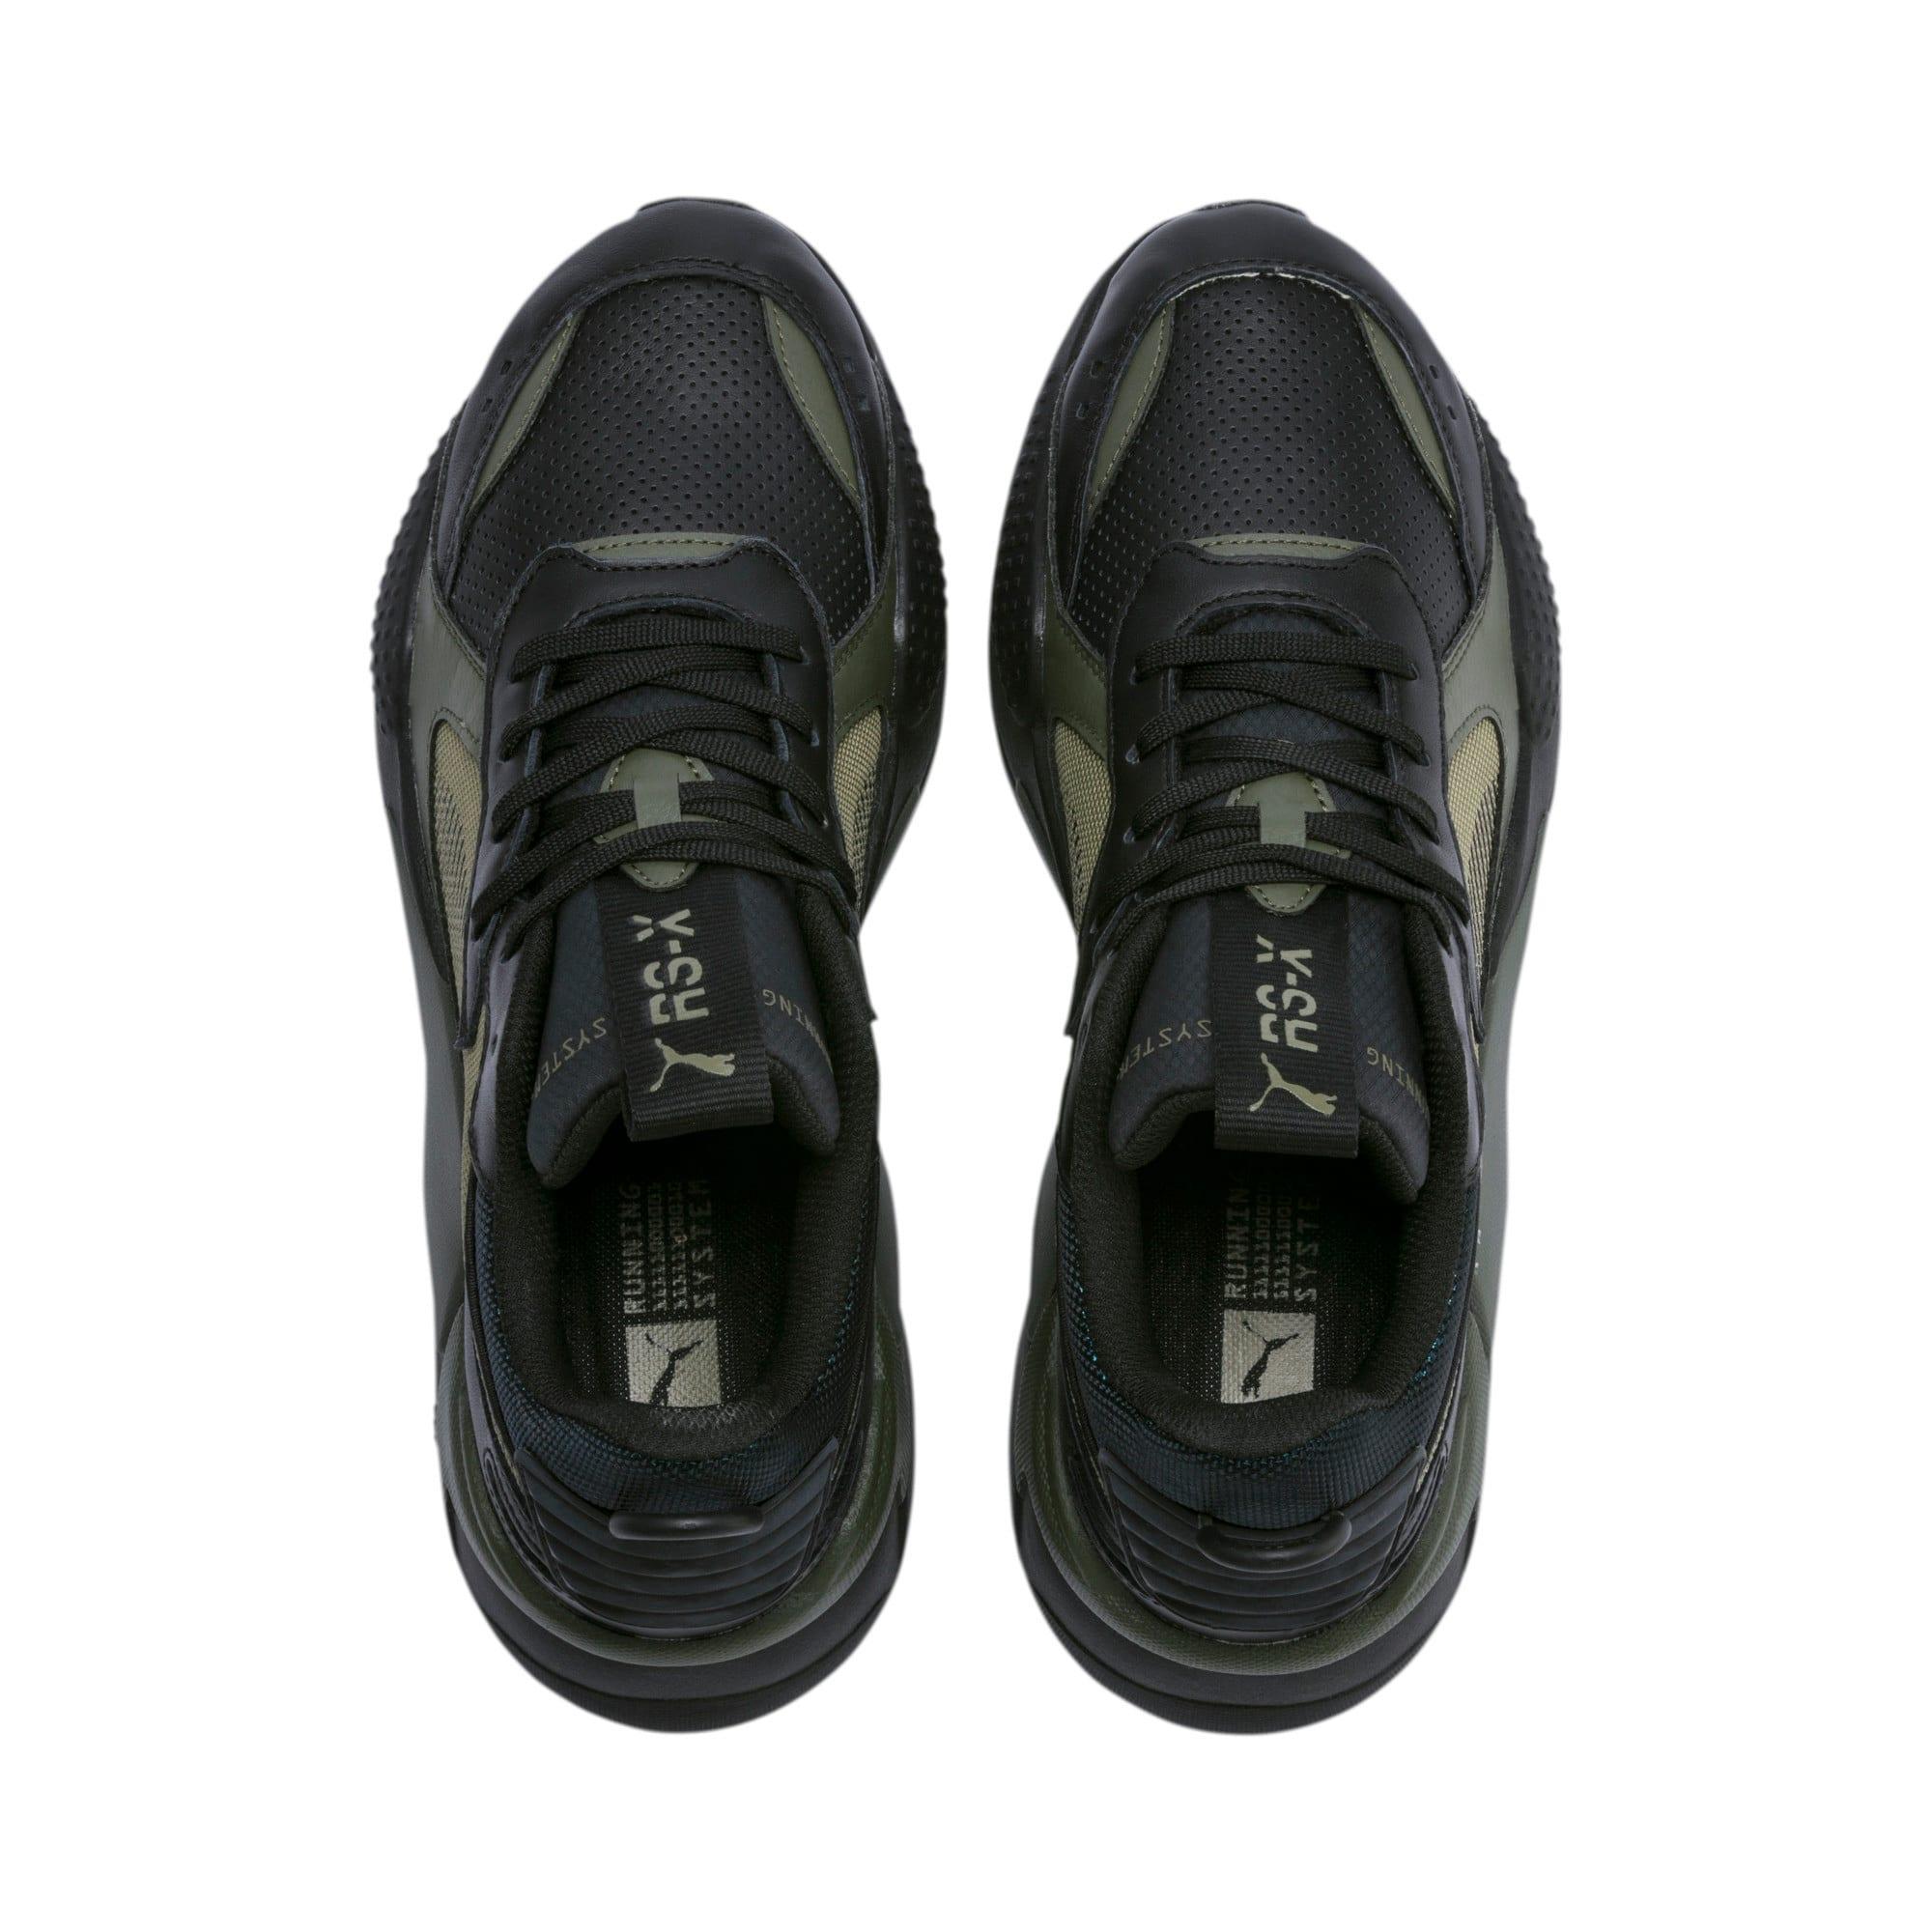 Thumbnail 8 of RS-X Winterised Trainers, Puma Black-Burnt Olive, medium